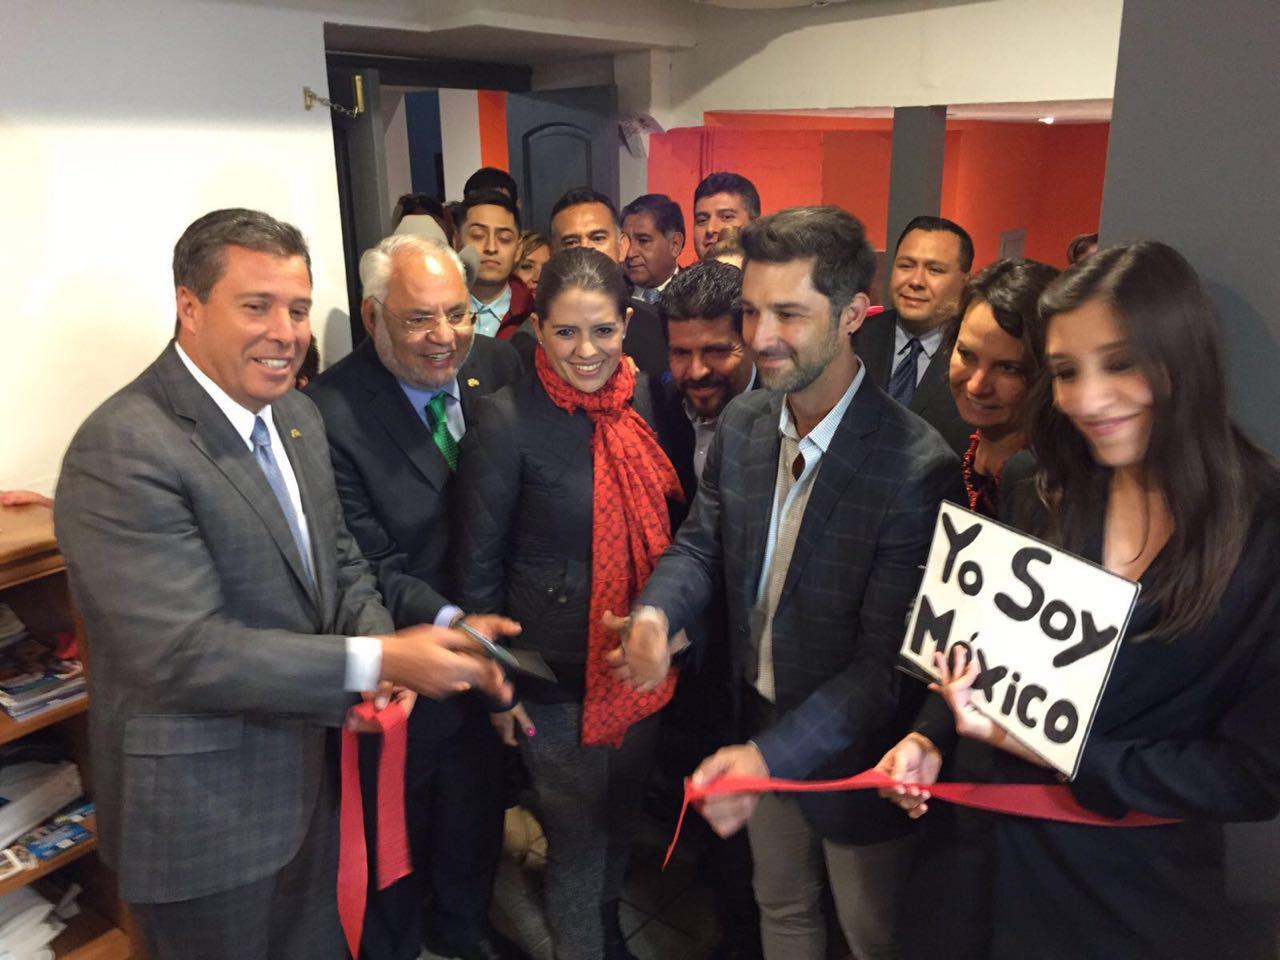 Reunión del IME con la comunidad mexicana en Chicago